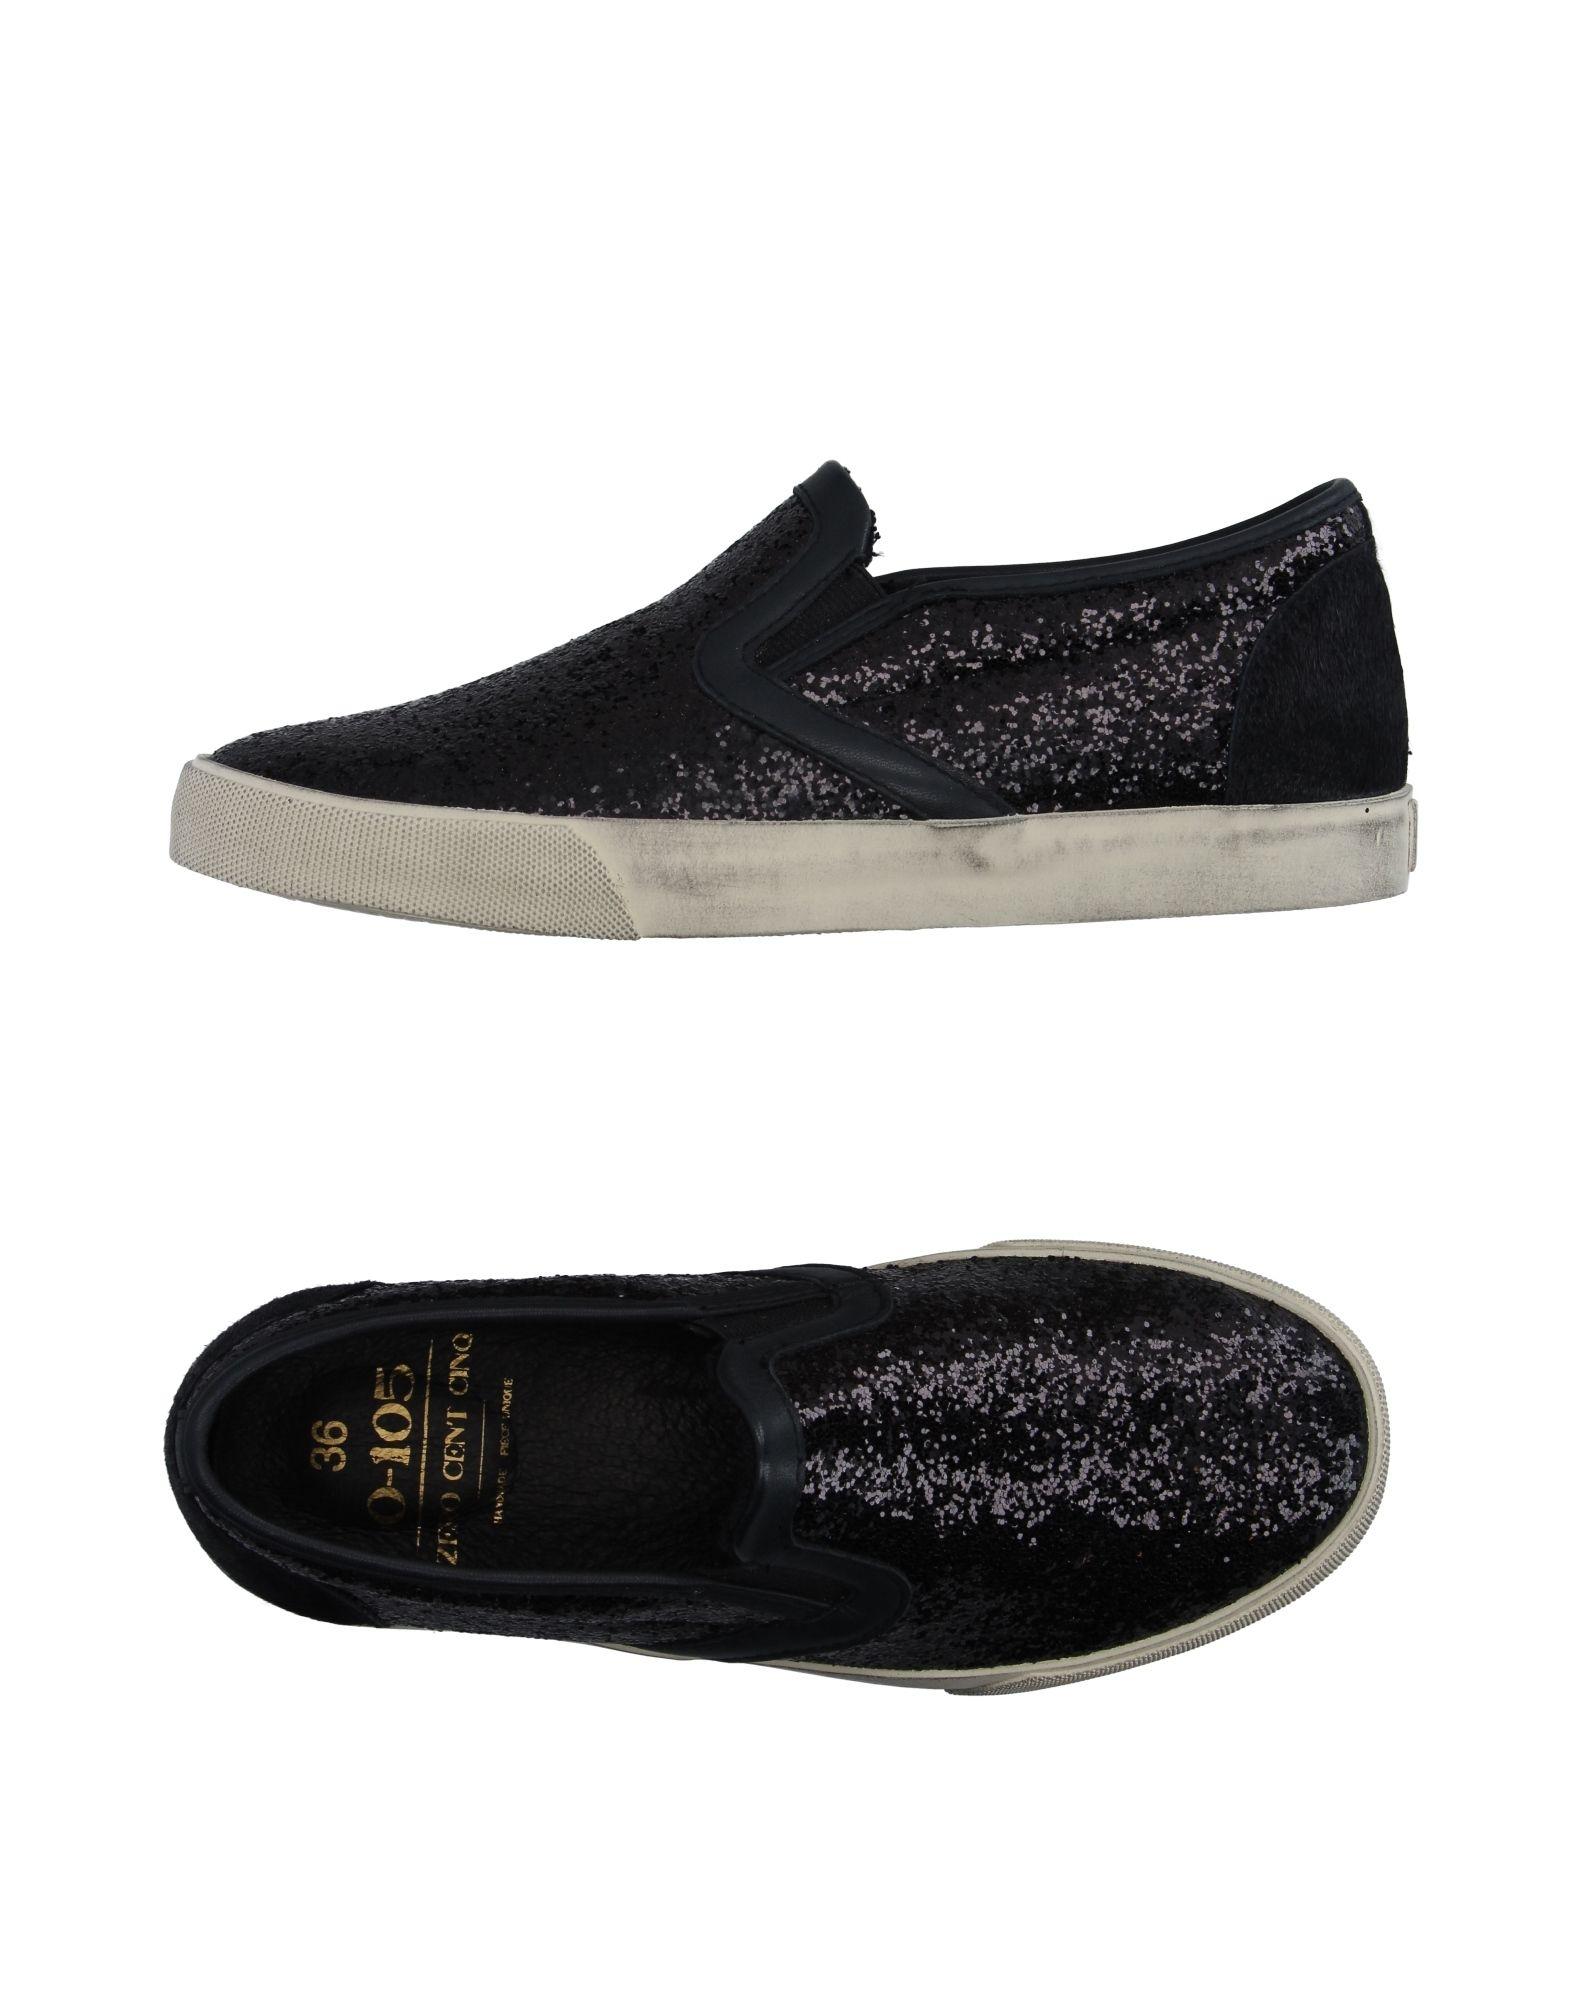 0 11128741PT Gute Qualität beliebte Schuhe Schuhe beliebte 168b7e